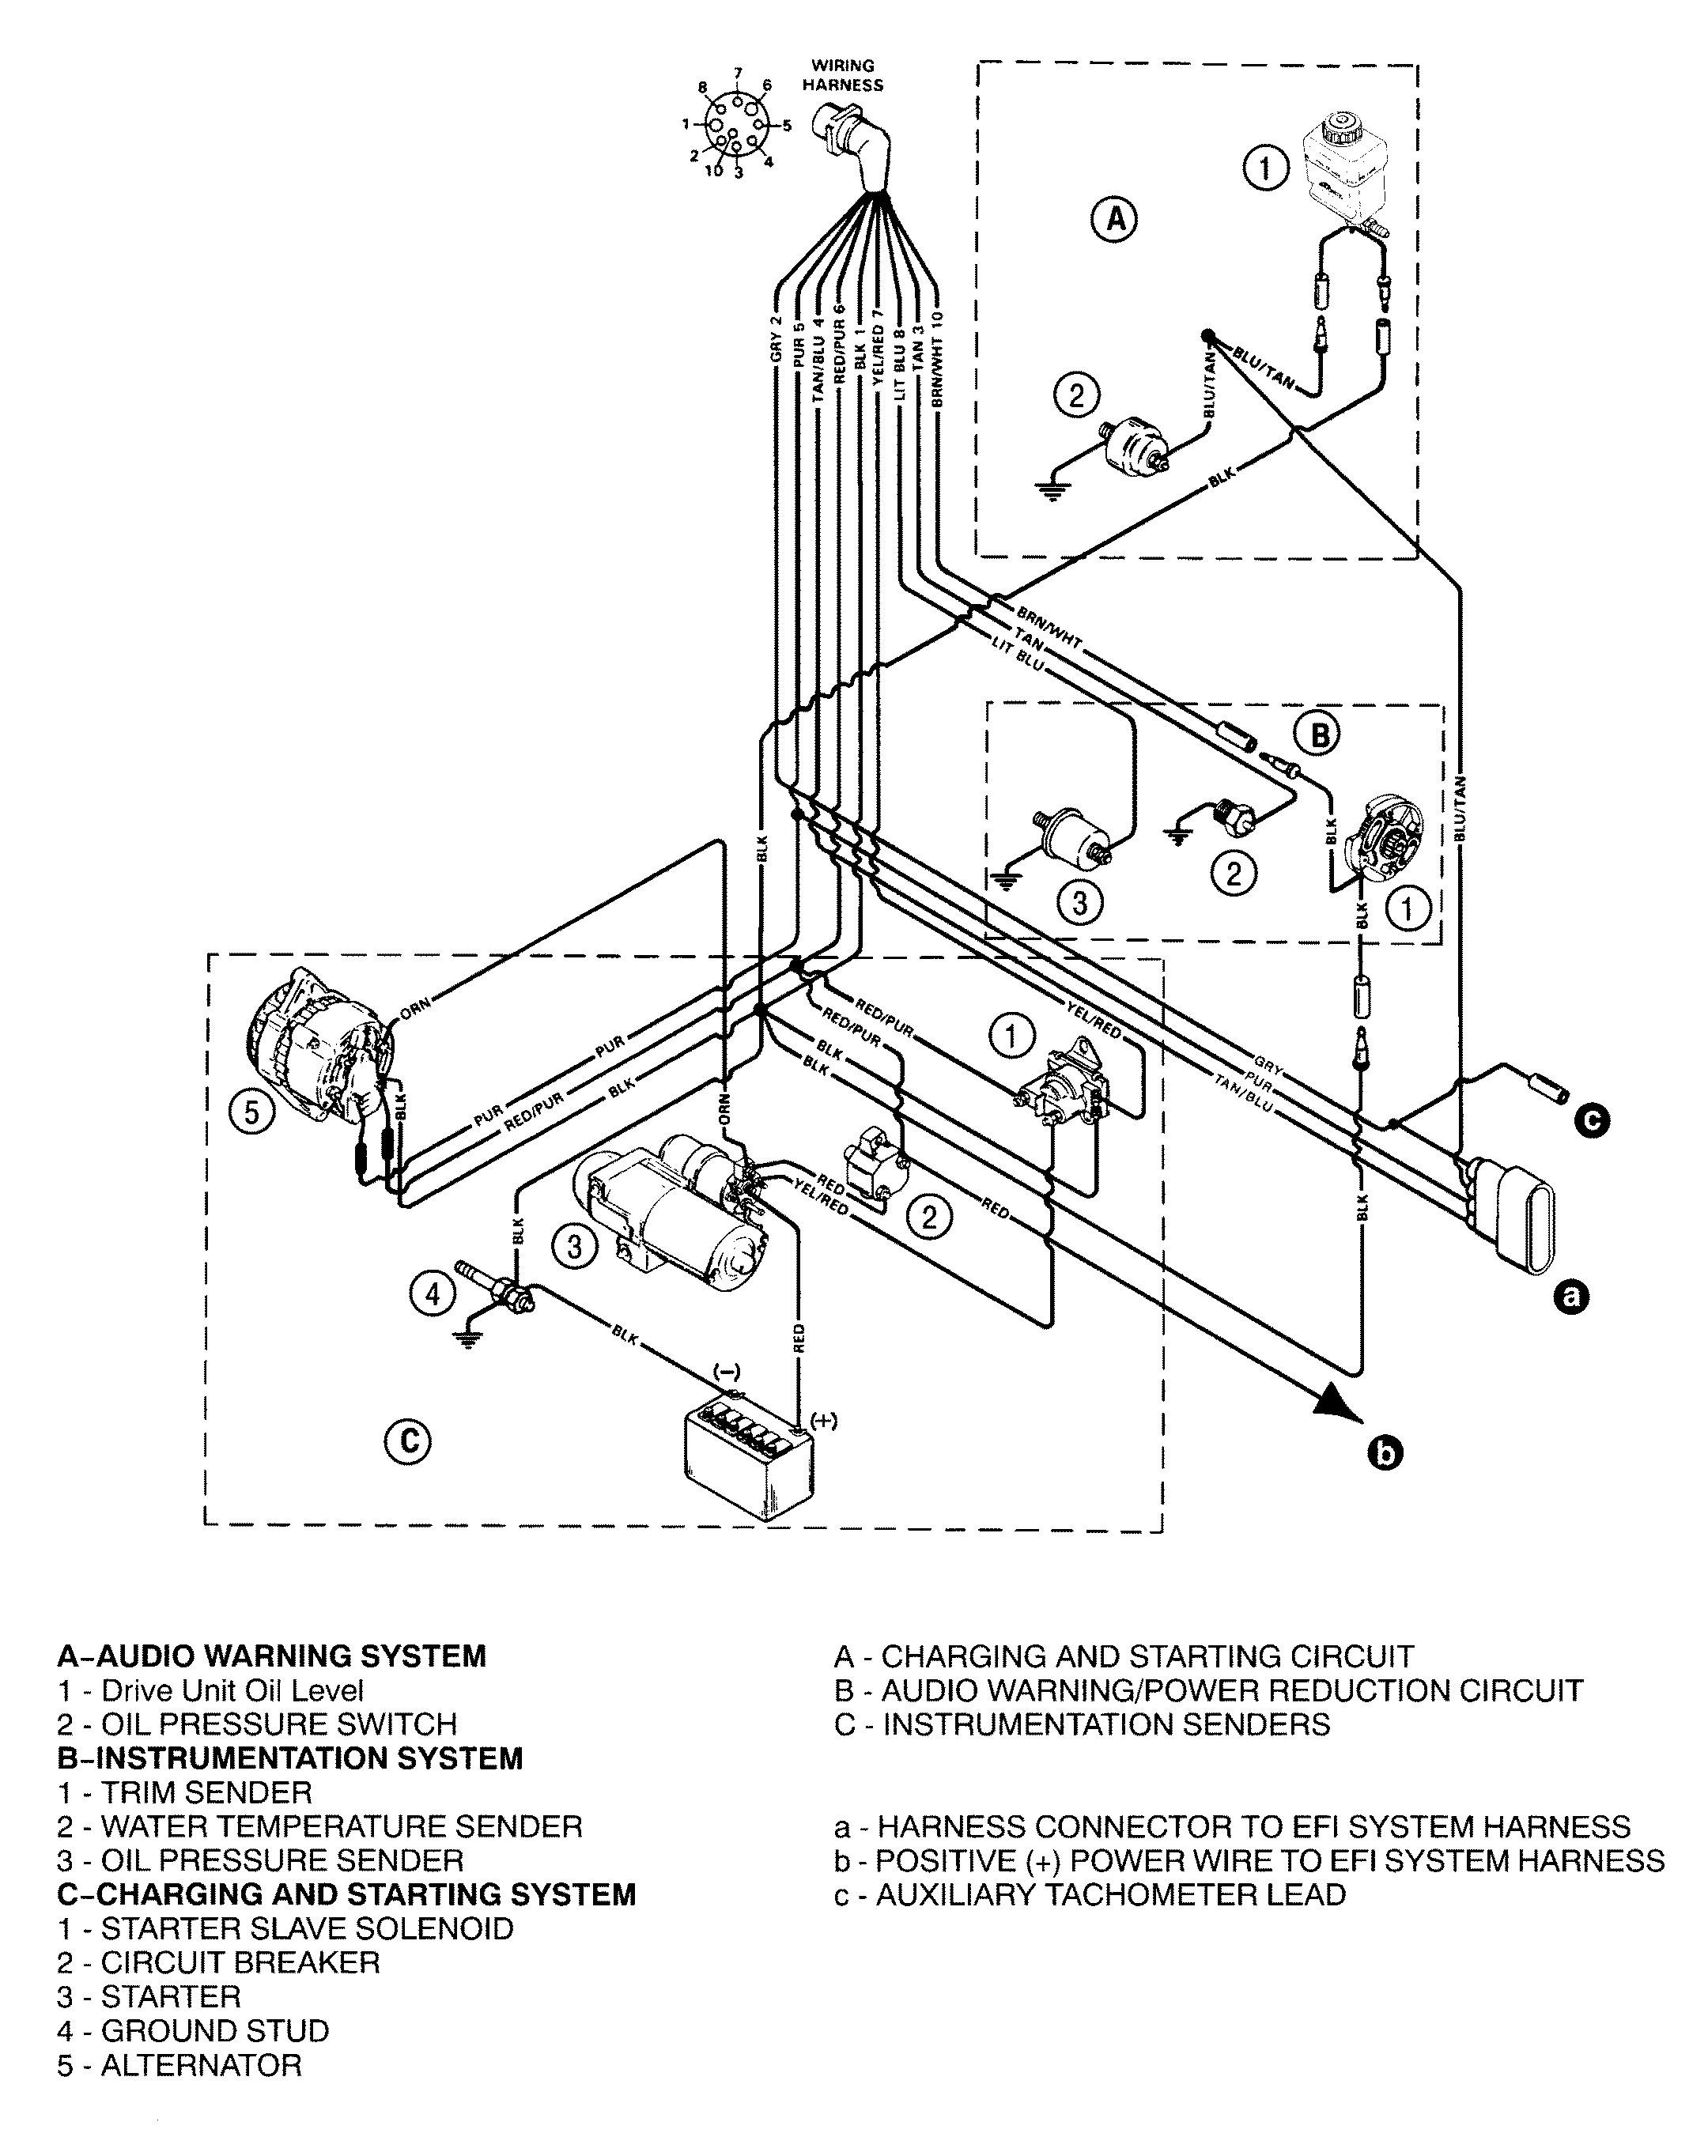 Dual Alternators Wiring Diagram | Wiring Library - Mercruiser 3.0 Wiring Diagram